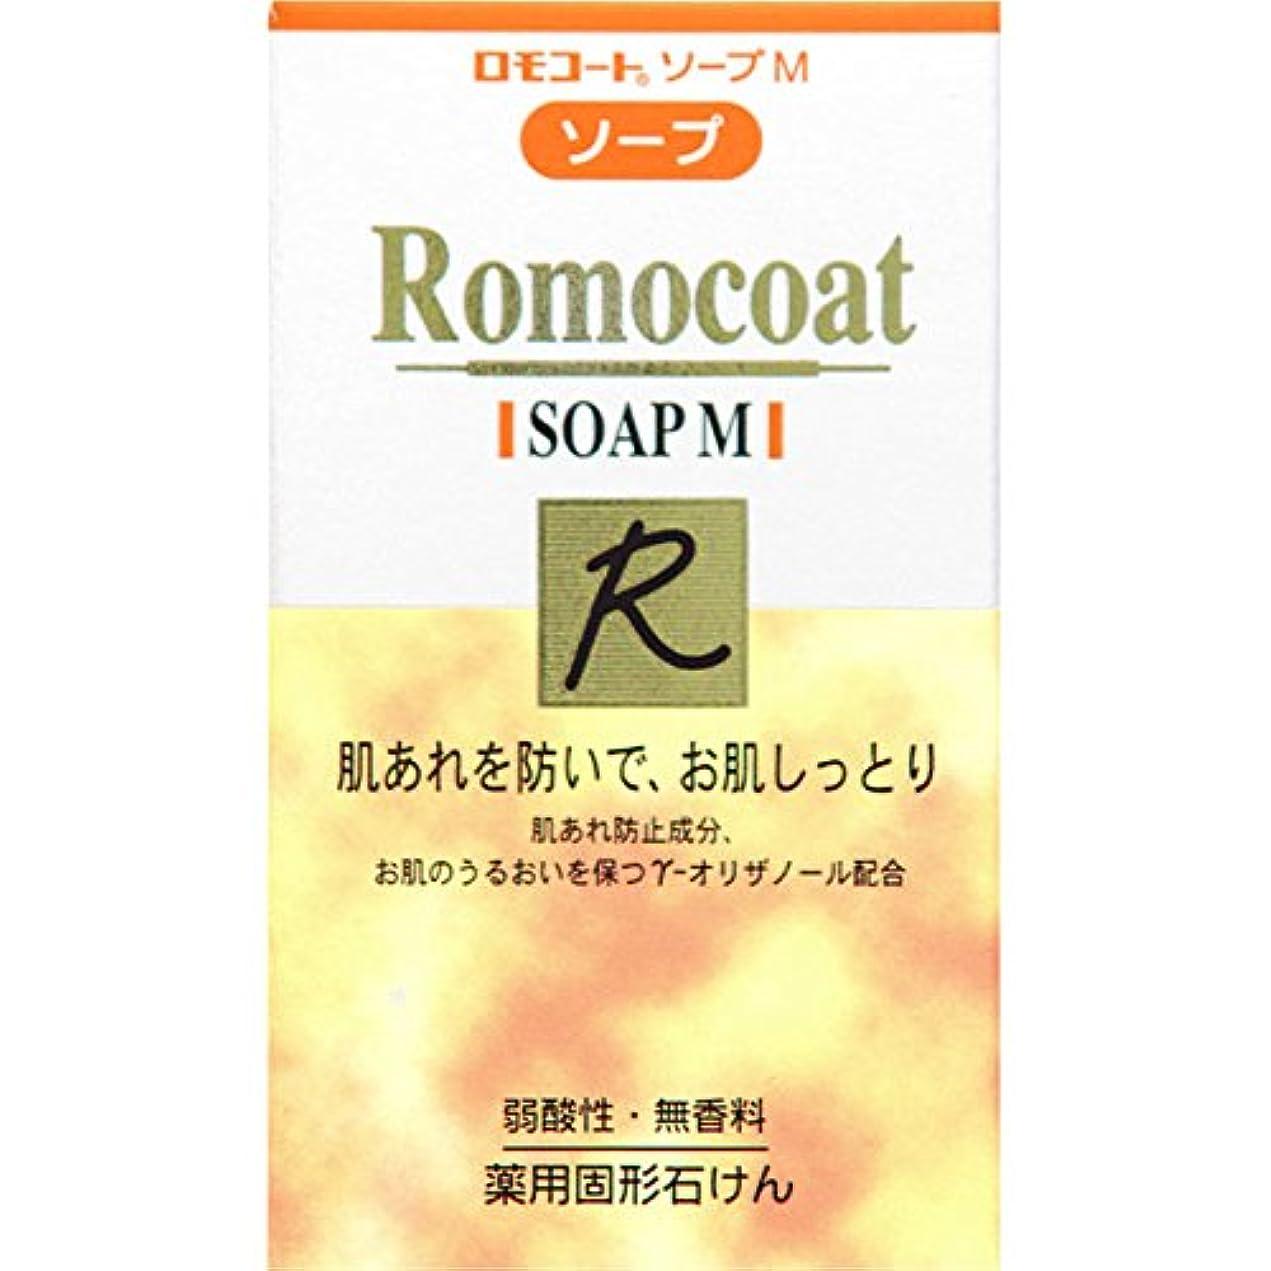 金額モットー熟考する全薬工業 ロモコート ソープM 60g (医薬部外品)